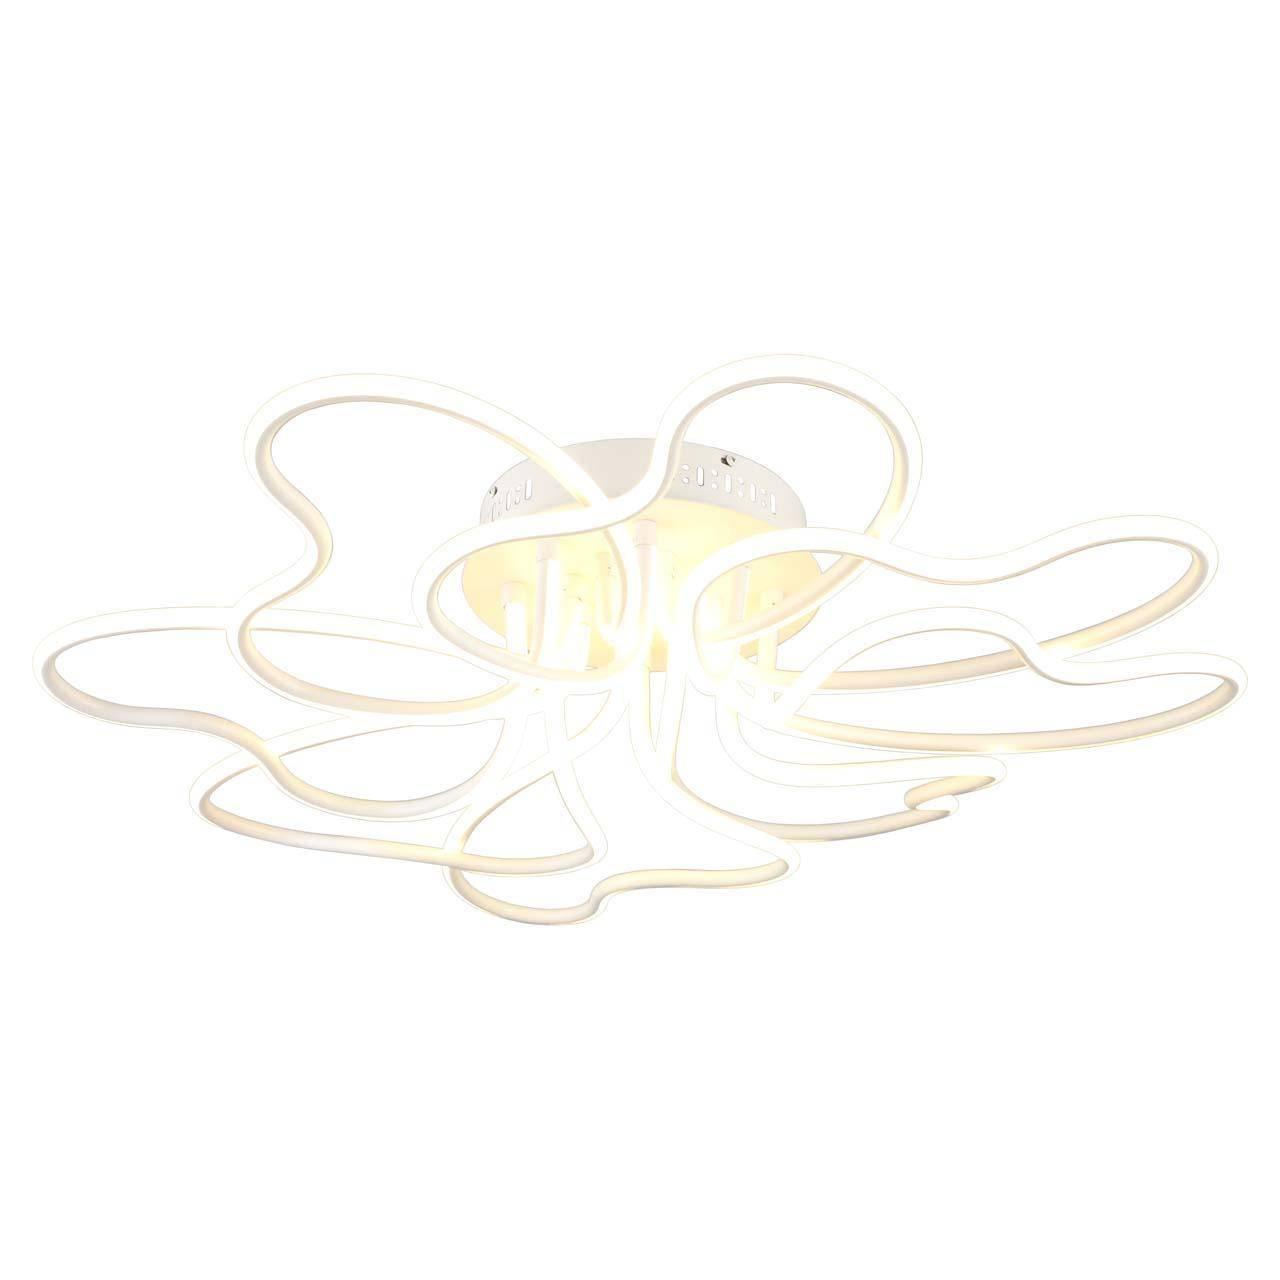 Потолочная светодиодная люстра Omnilux Folgaria OML-04307-160